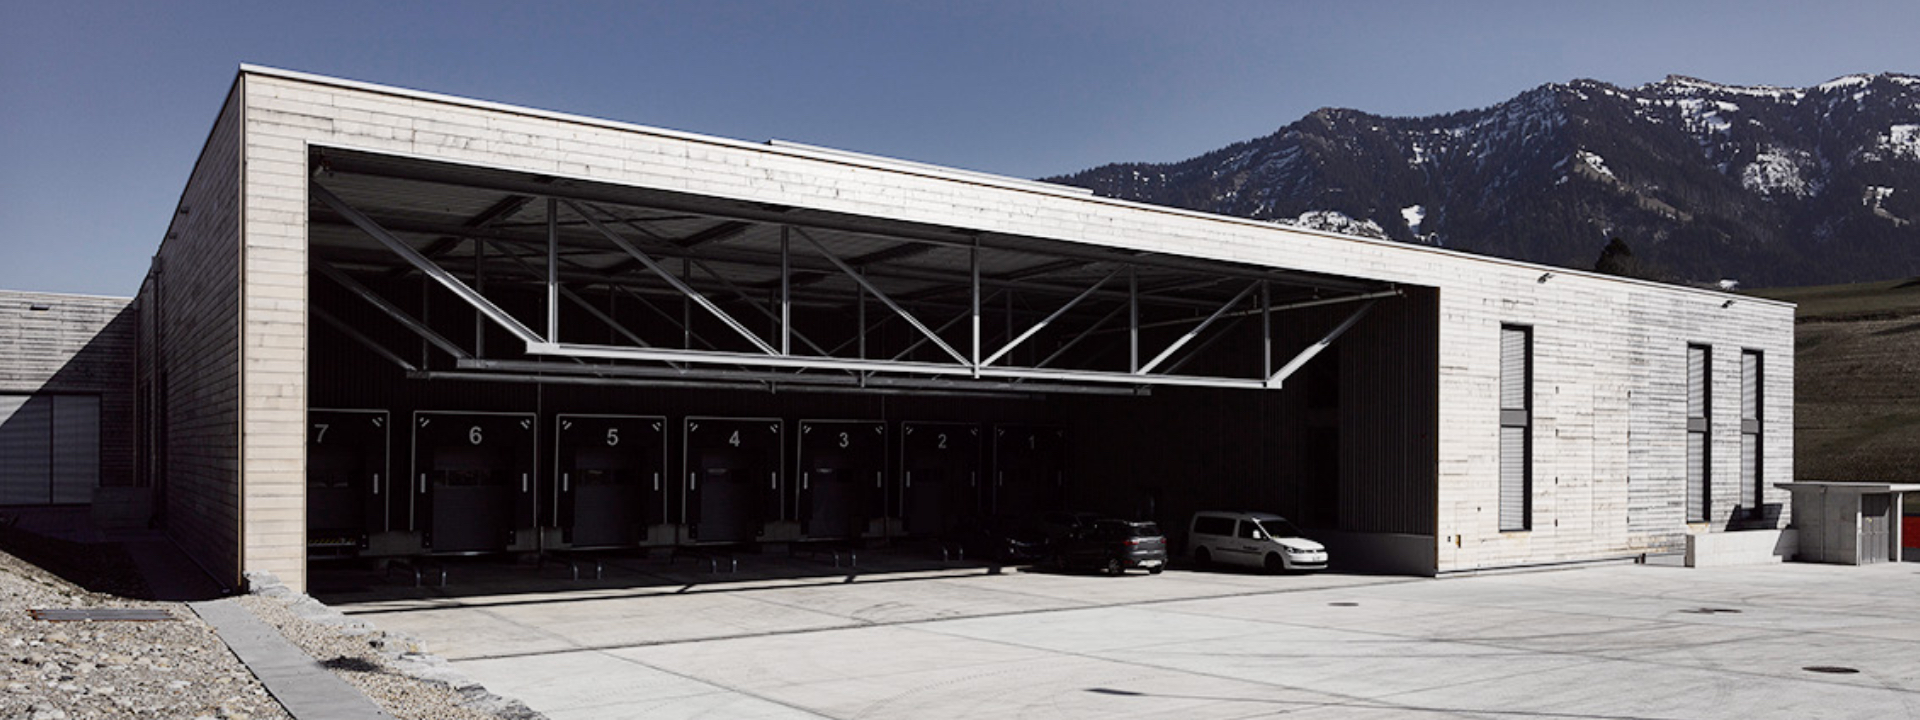 Aussenansicht der fertigen Halle nach Produktionserweiterung und Generalplanung für B. Braun